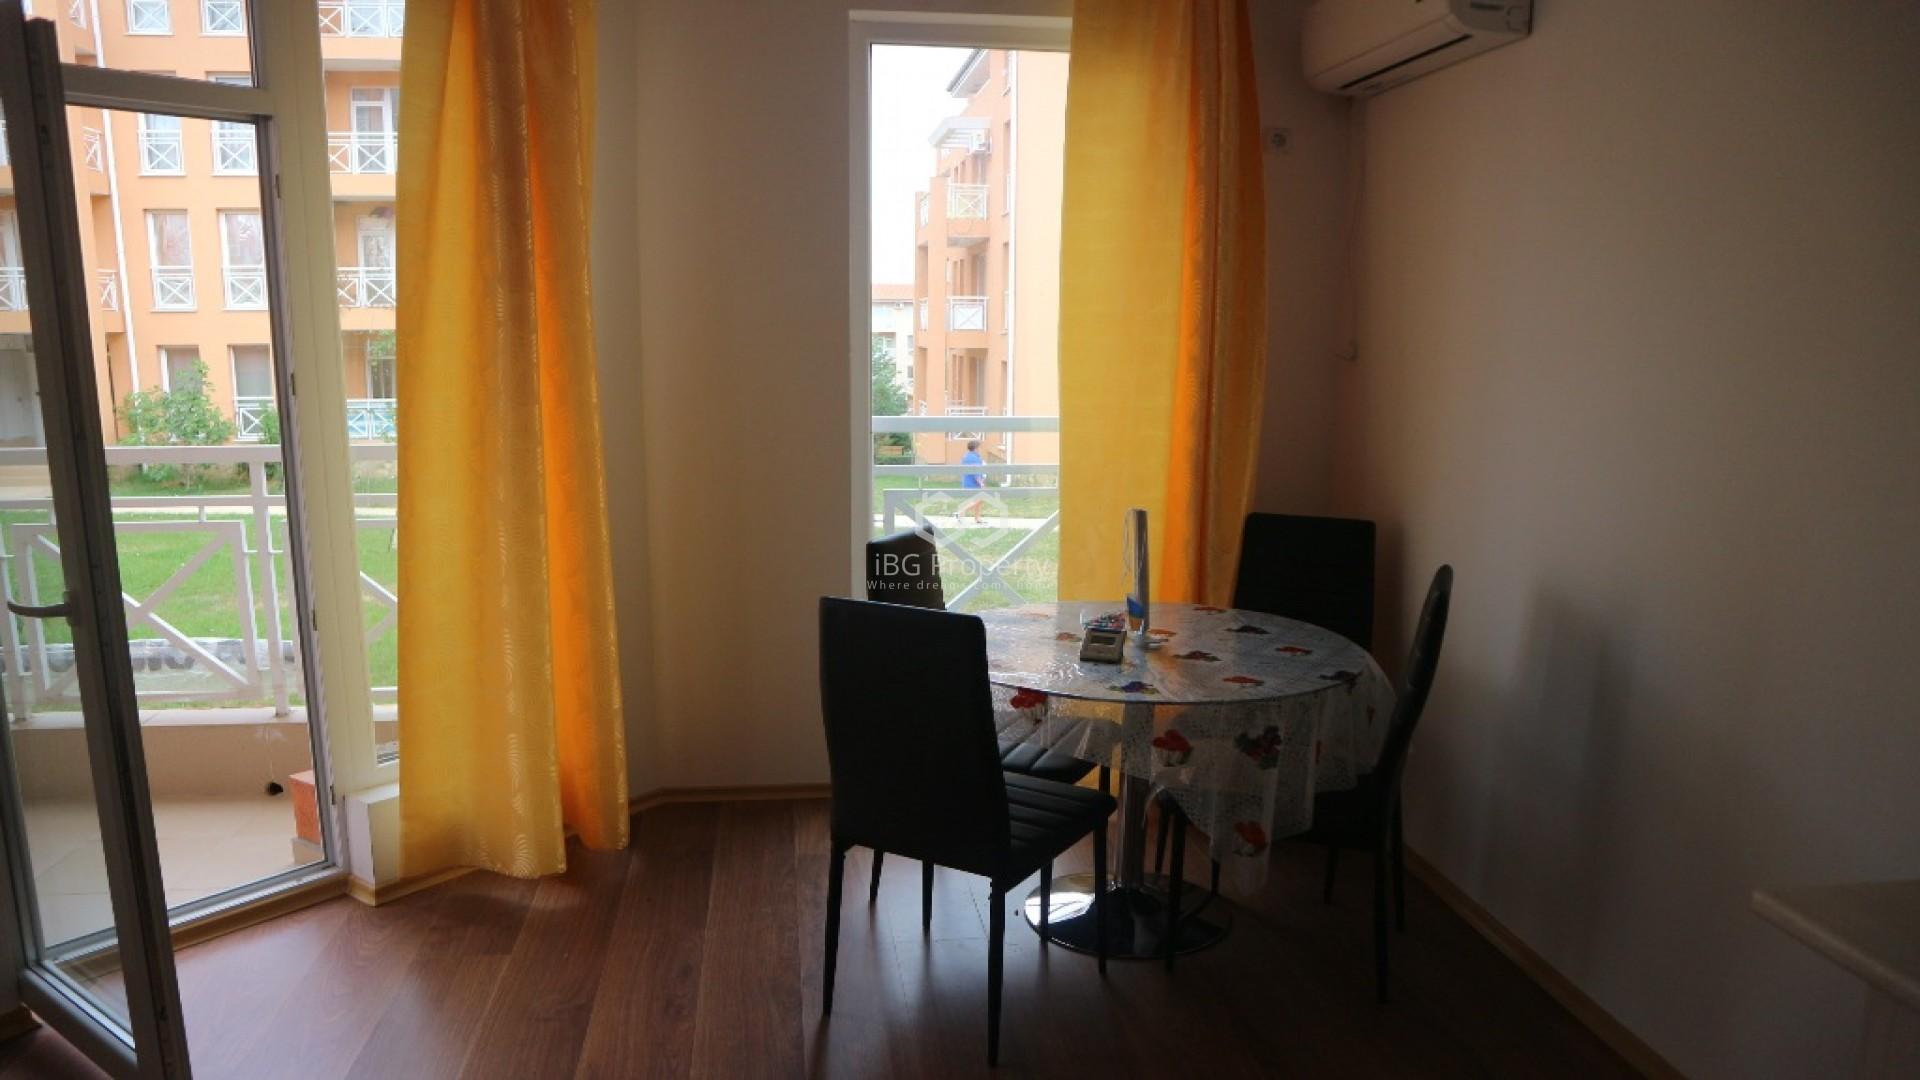 Zweizimmerwohnung in Sonnenstrand 40 m2